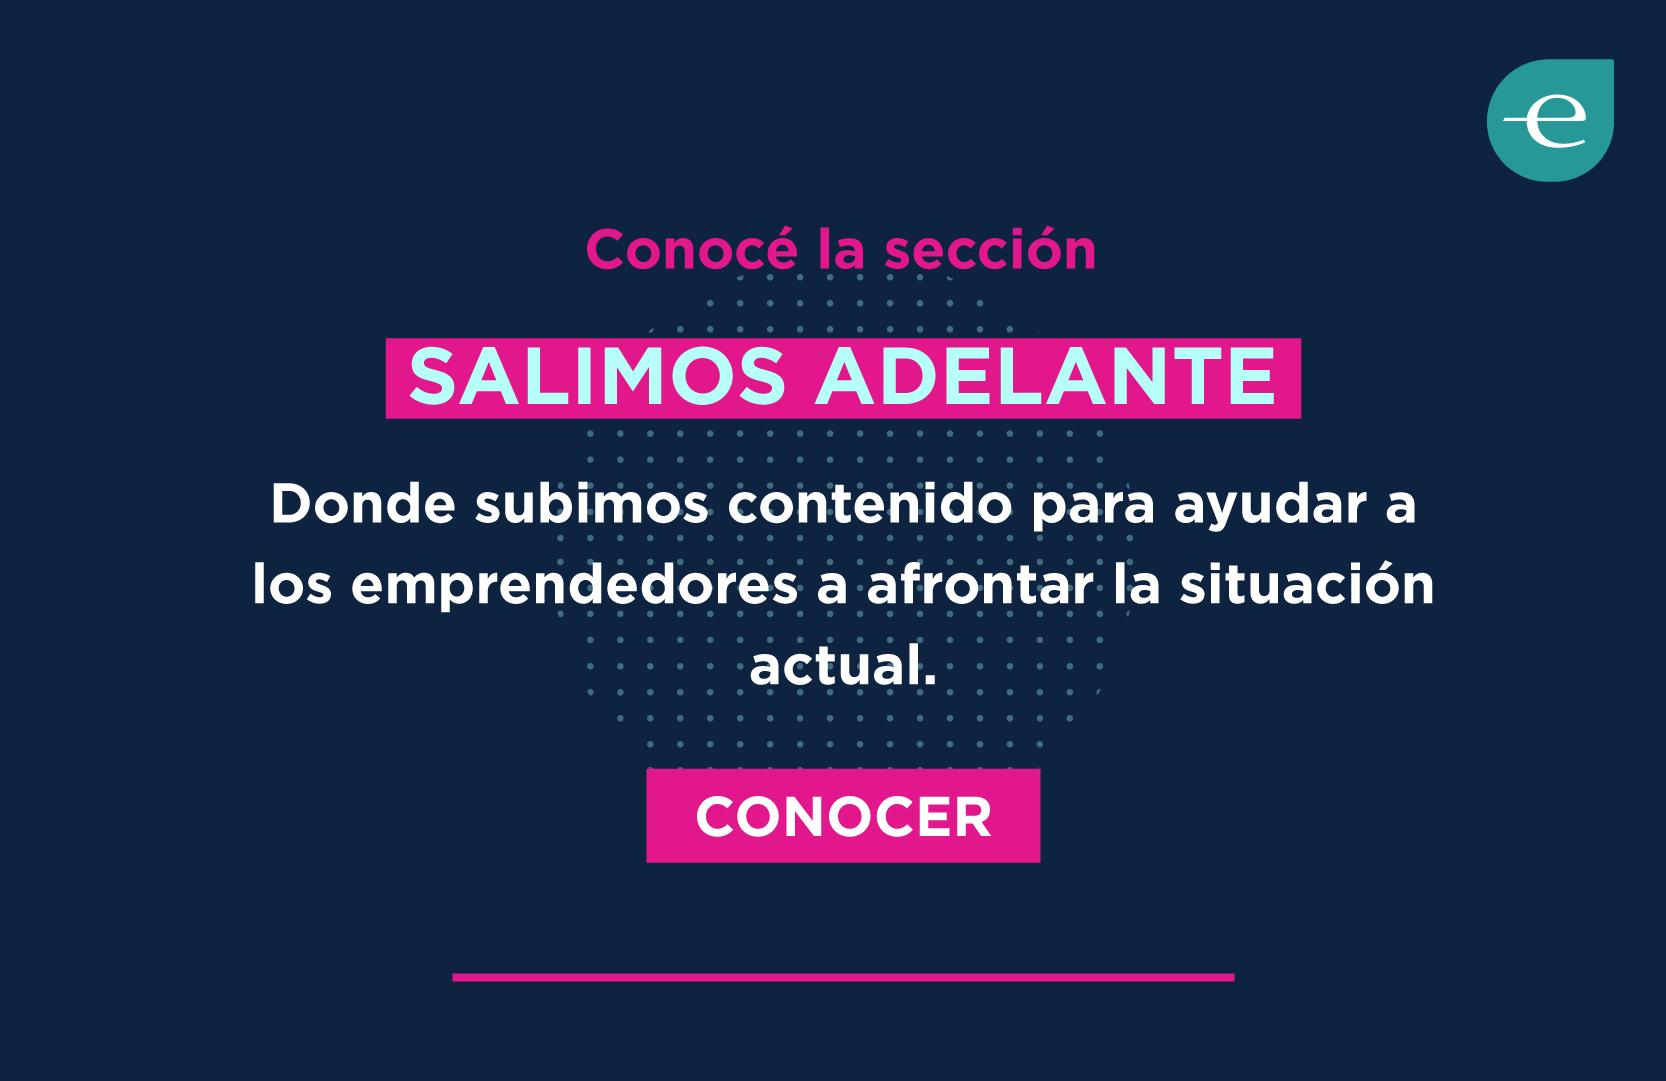 SALIMOS ADELANTE